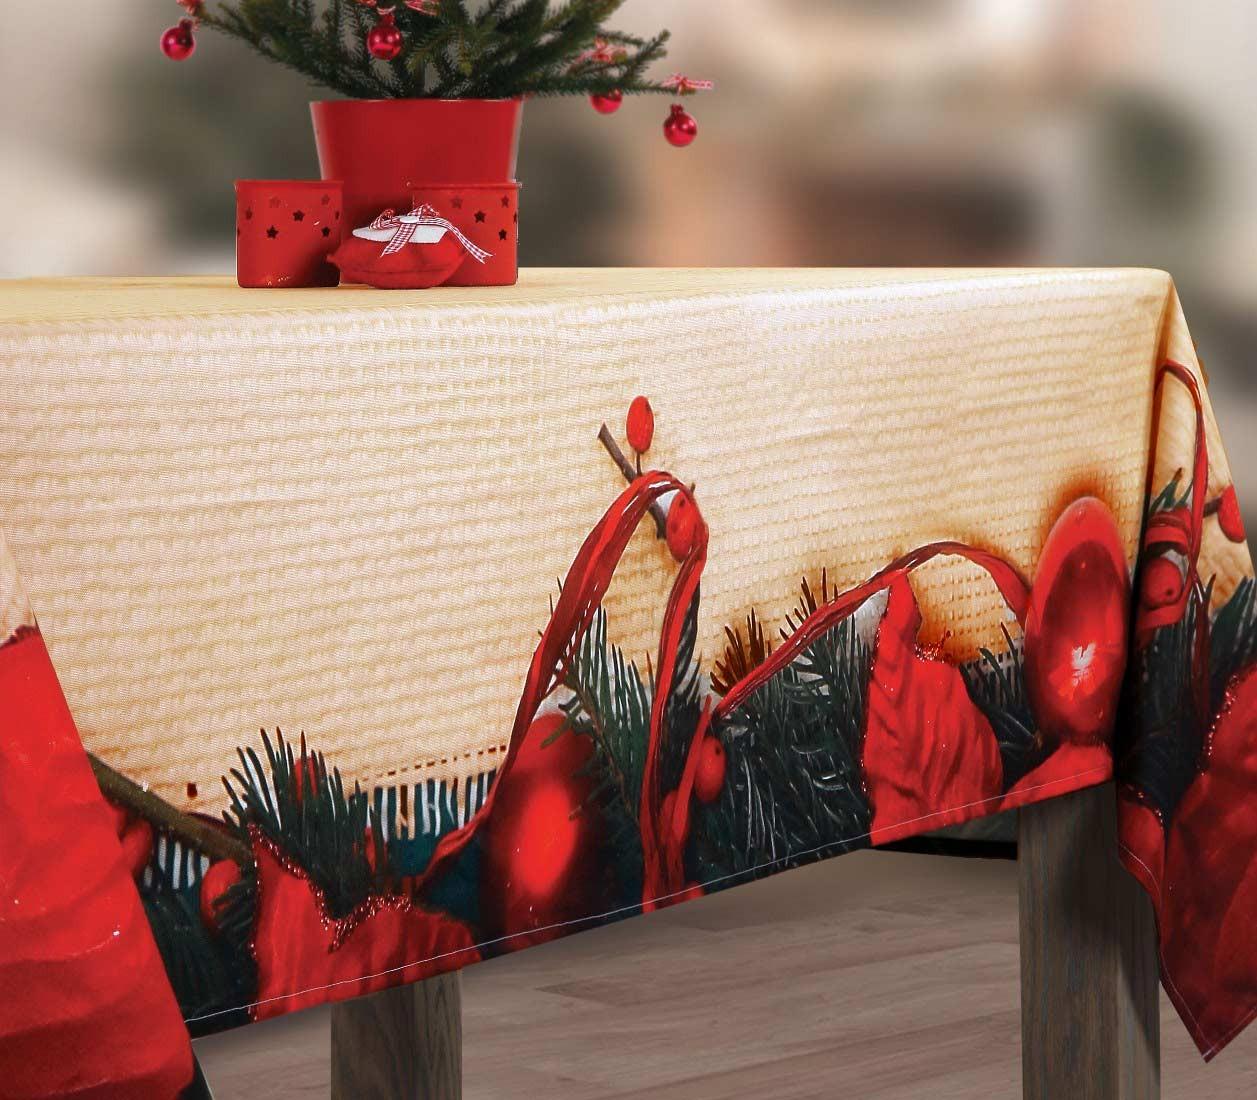 Χριστουγεννιάτικο Τραπεζομάντηλο (150x260) Nef-Nef Noel